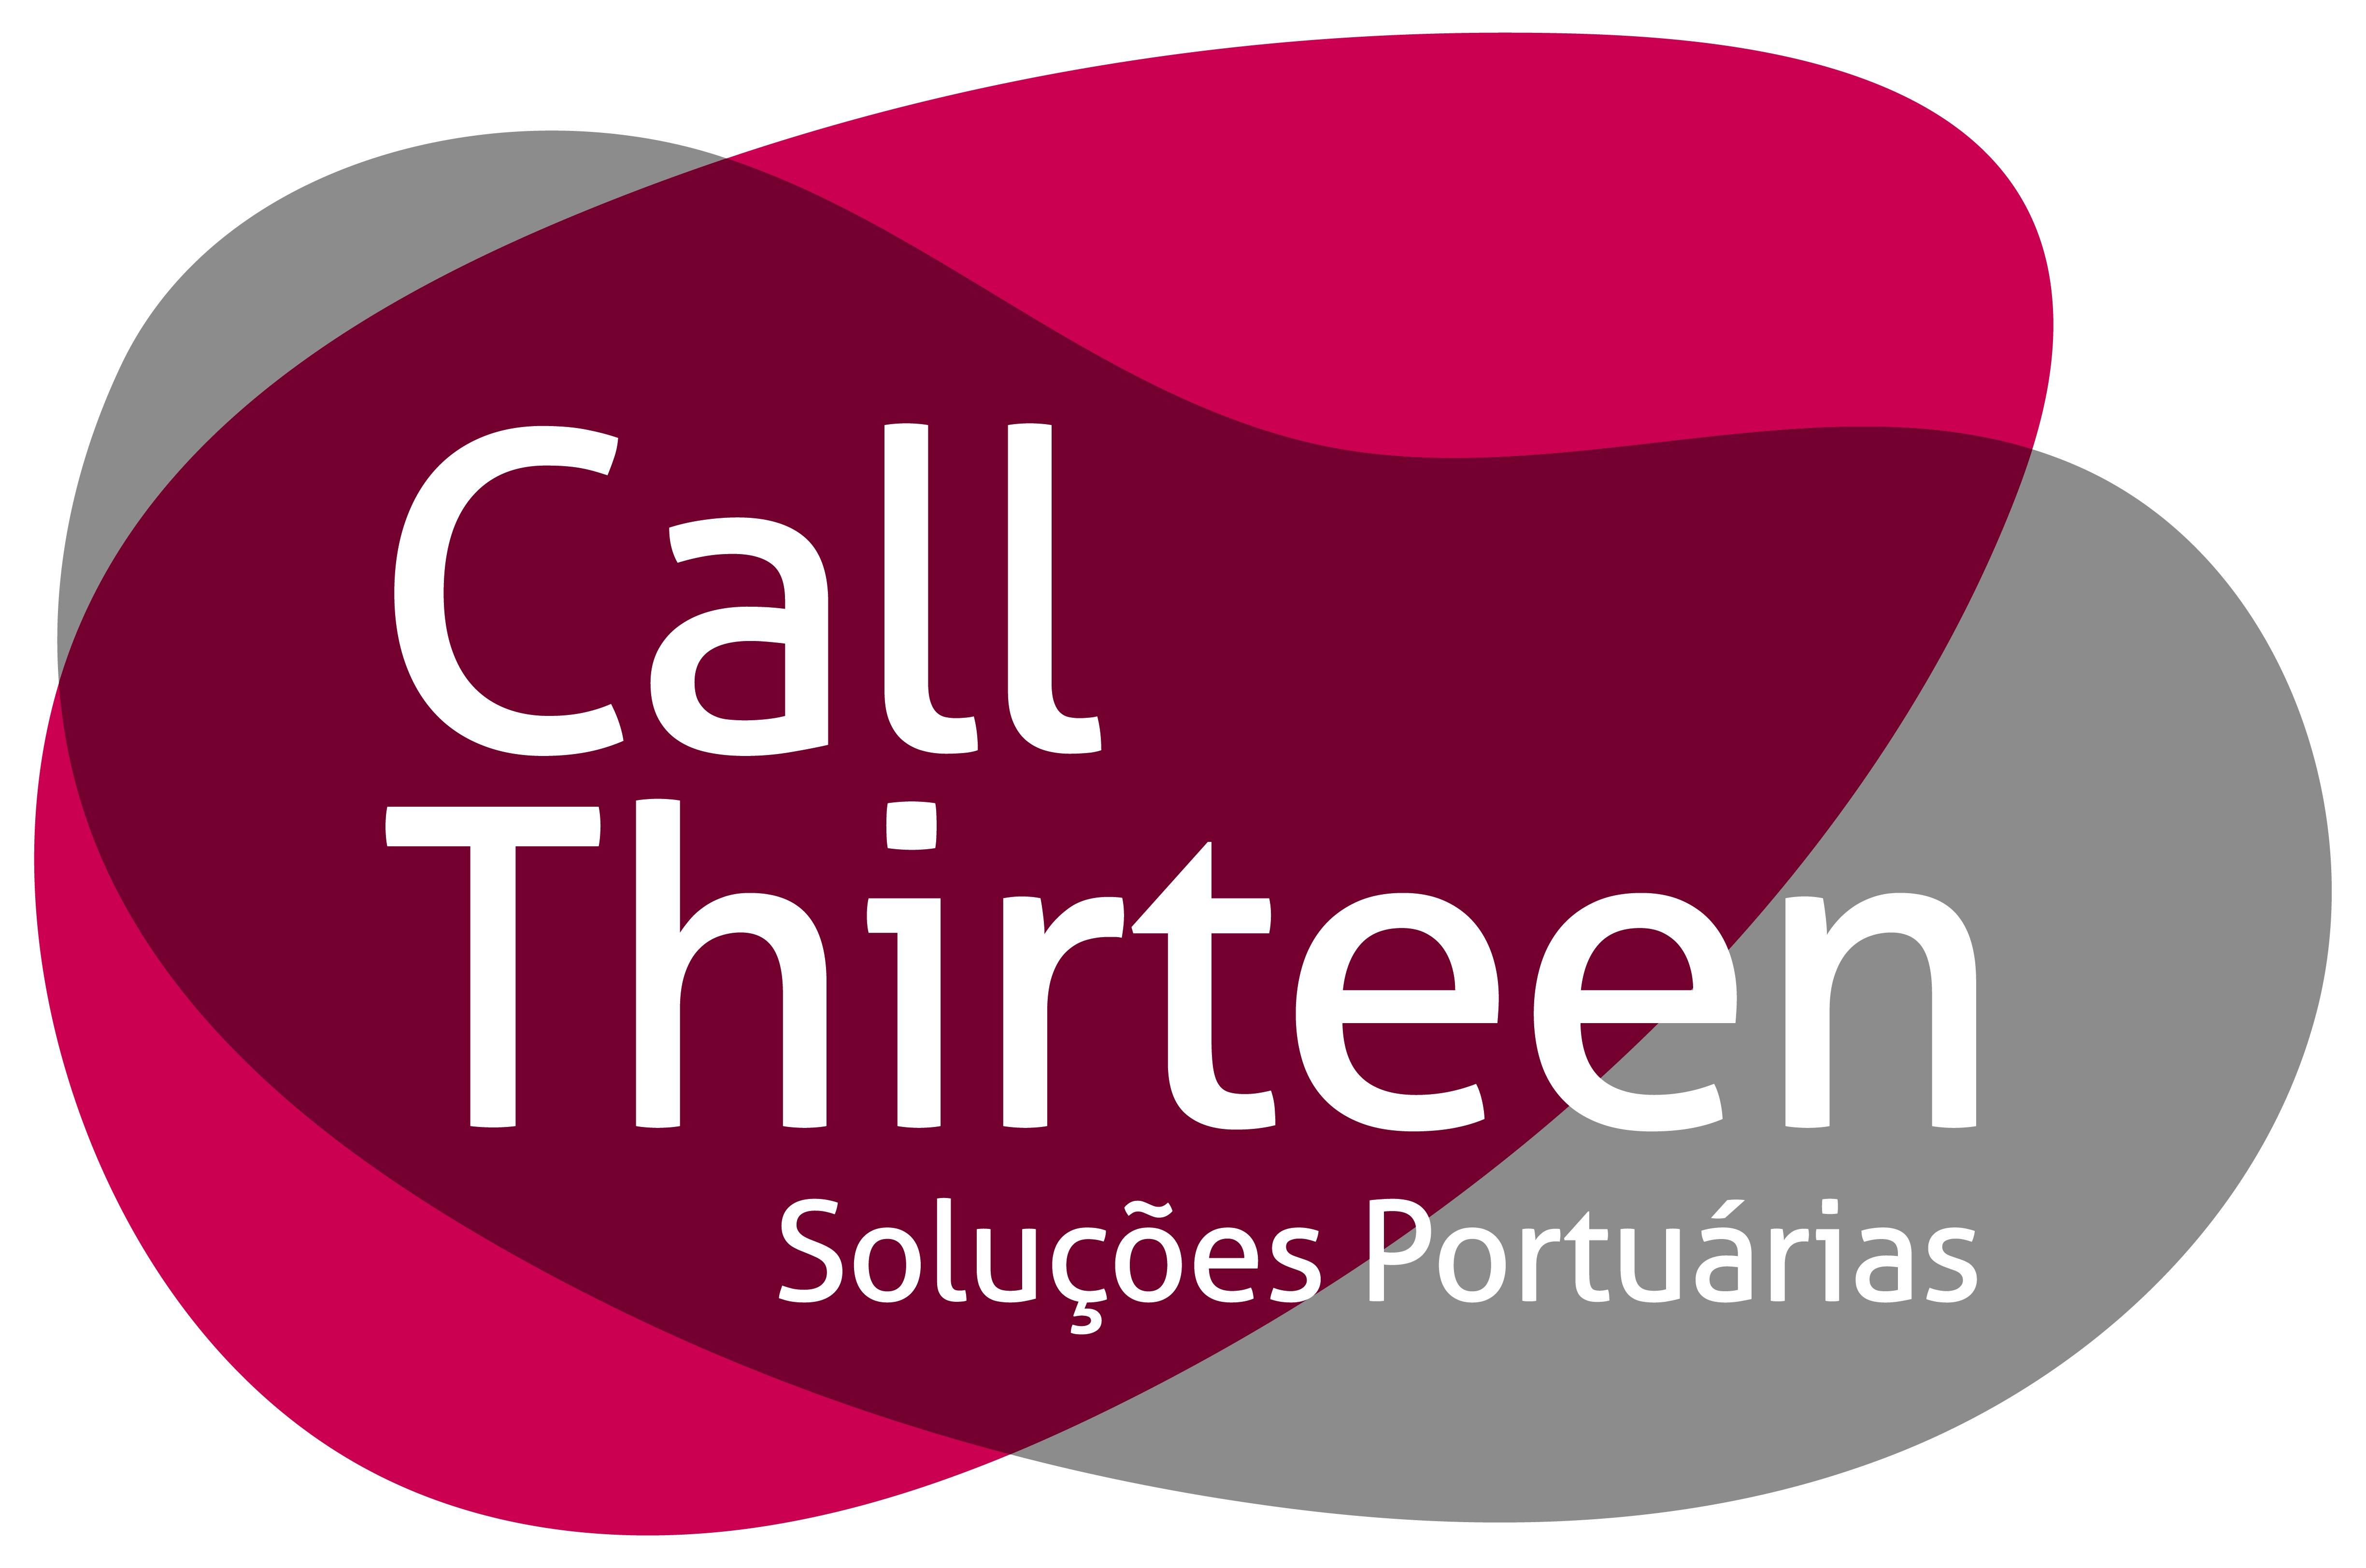 CALL THIRTEEN